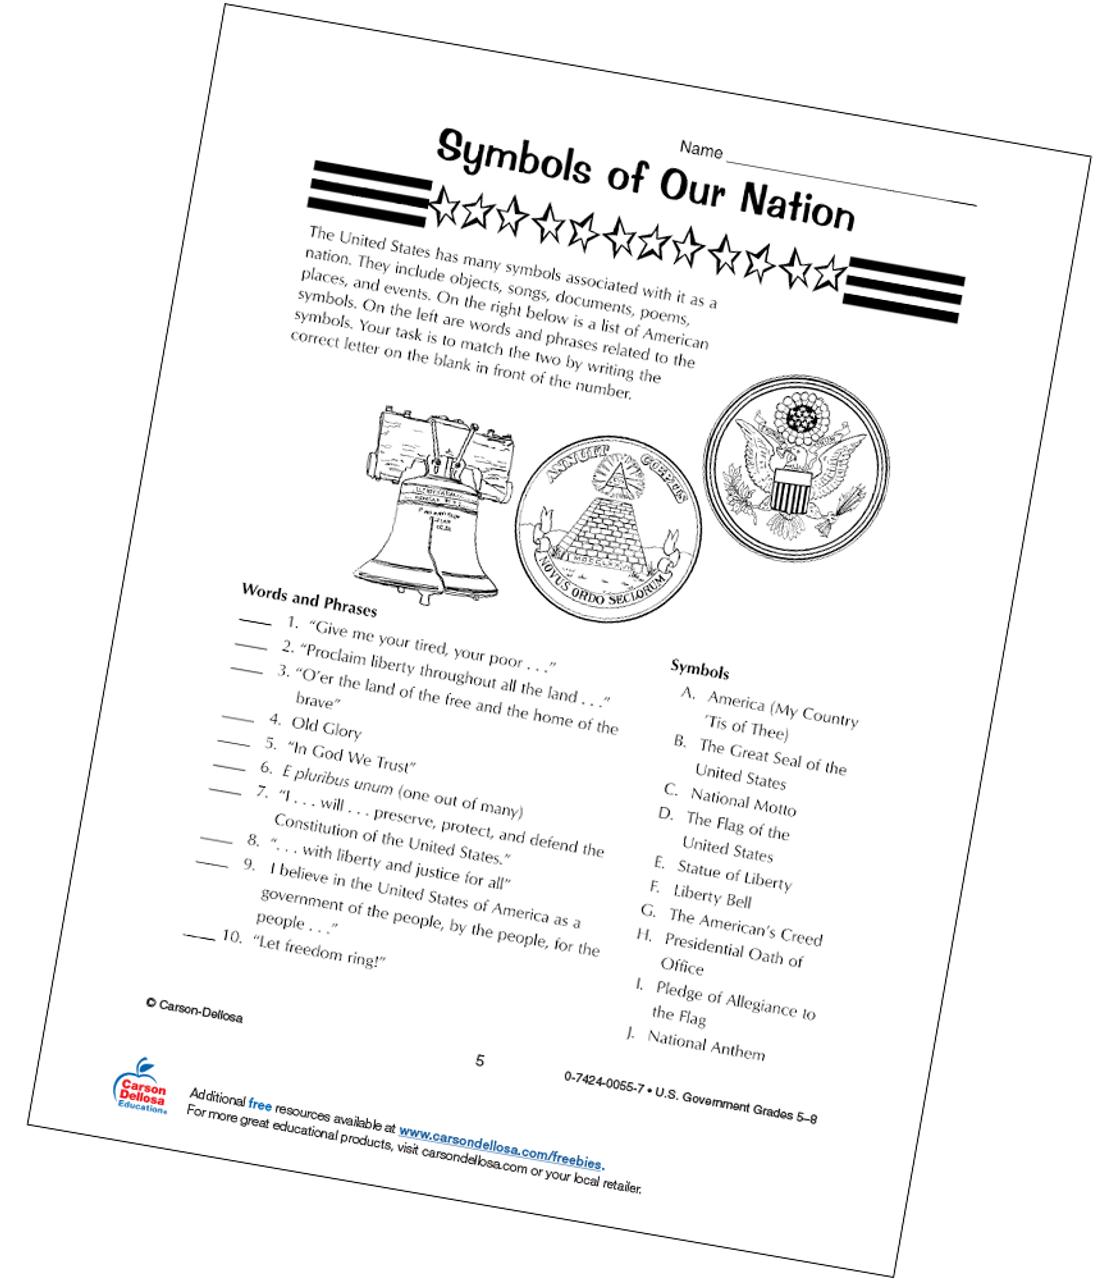 - Symbols Of Our Nation Grades 5-8 Free Printable Carson Dellosa